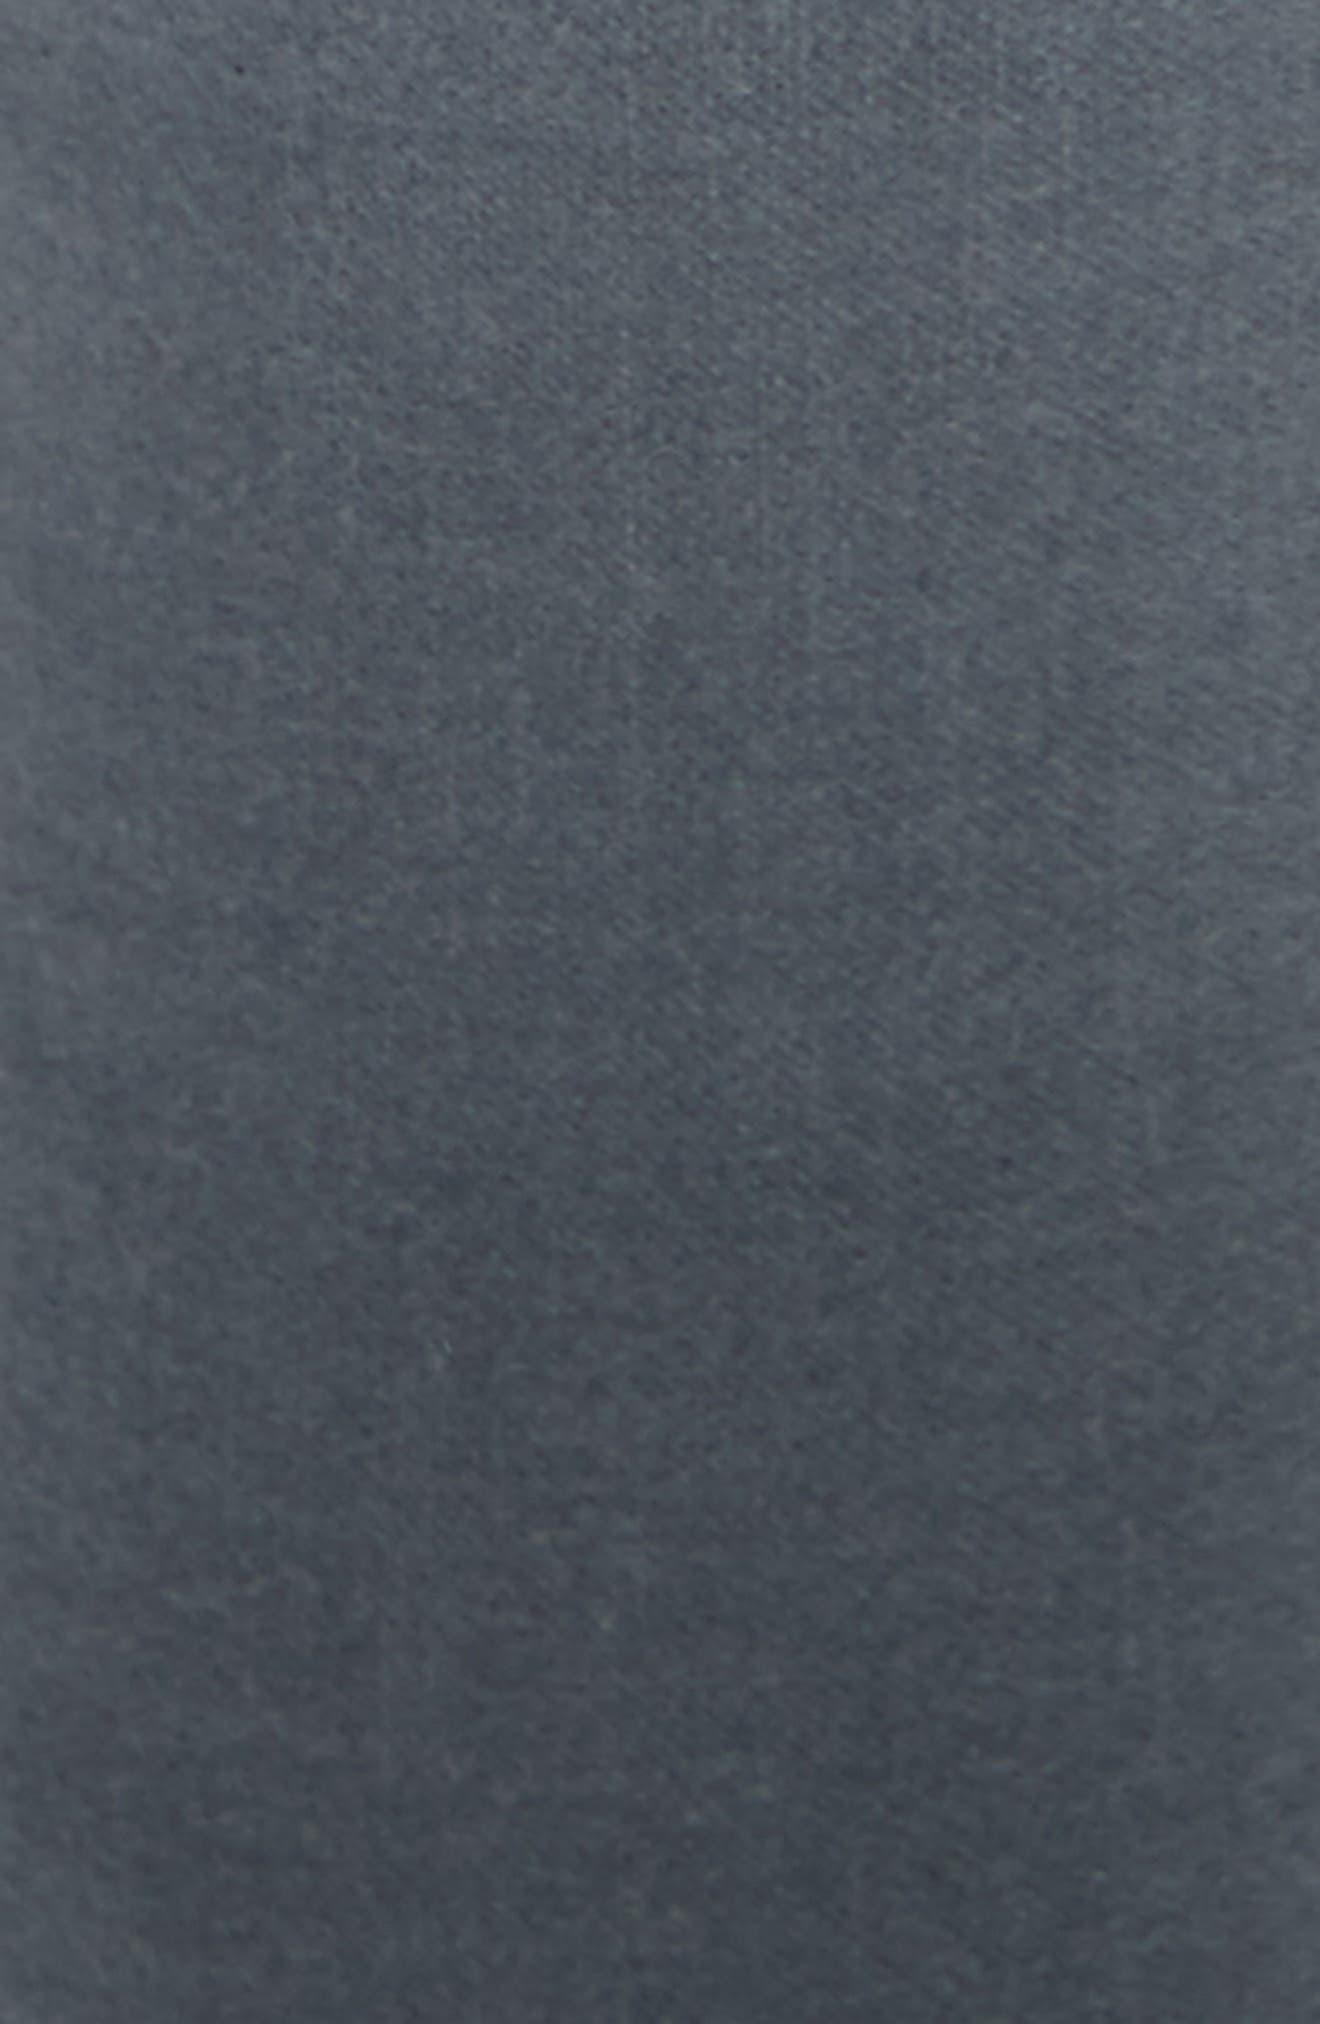 Velvet Skinny Jeans,                             Alternate thumbnail 5, color,                             Steel Blue Velvet